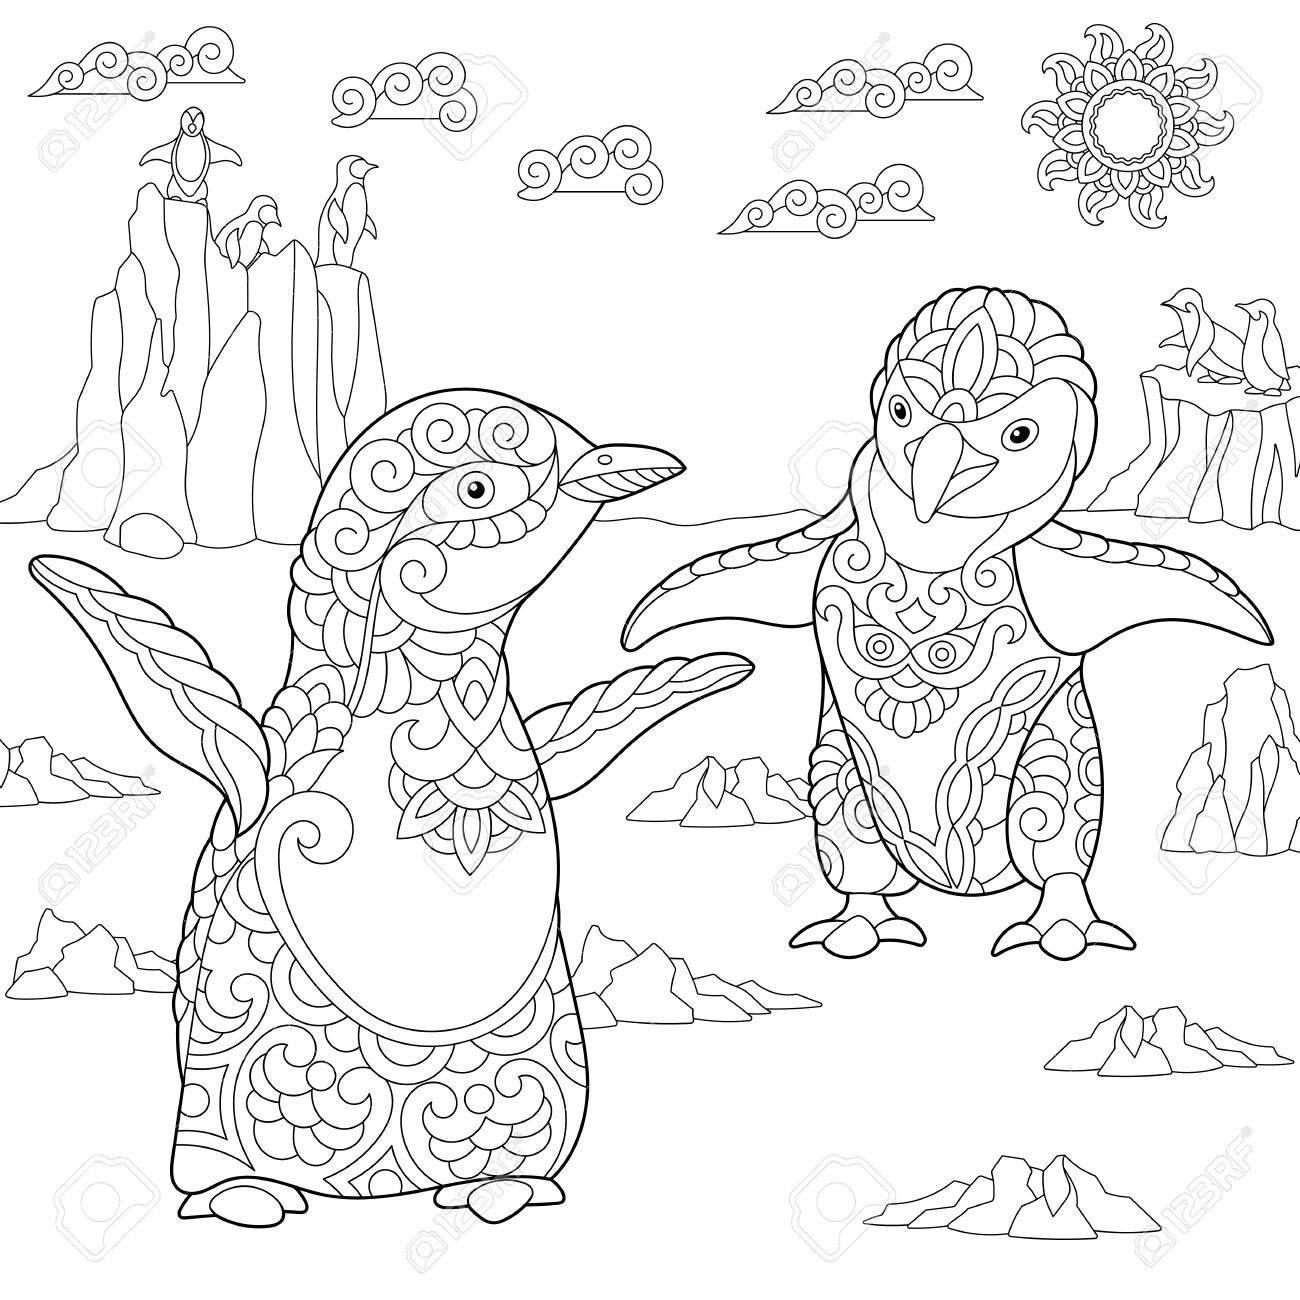 Dibujo Para Colorear De Pingüinos Jóvenes Entre El Paisaje ártico Dibujo De Bosquejo A Mano Alzada Para El Libro Para Colorear Antistress Adulto